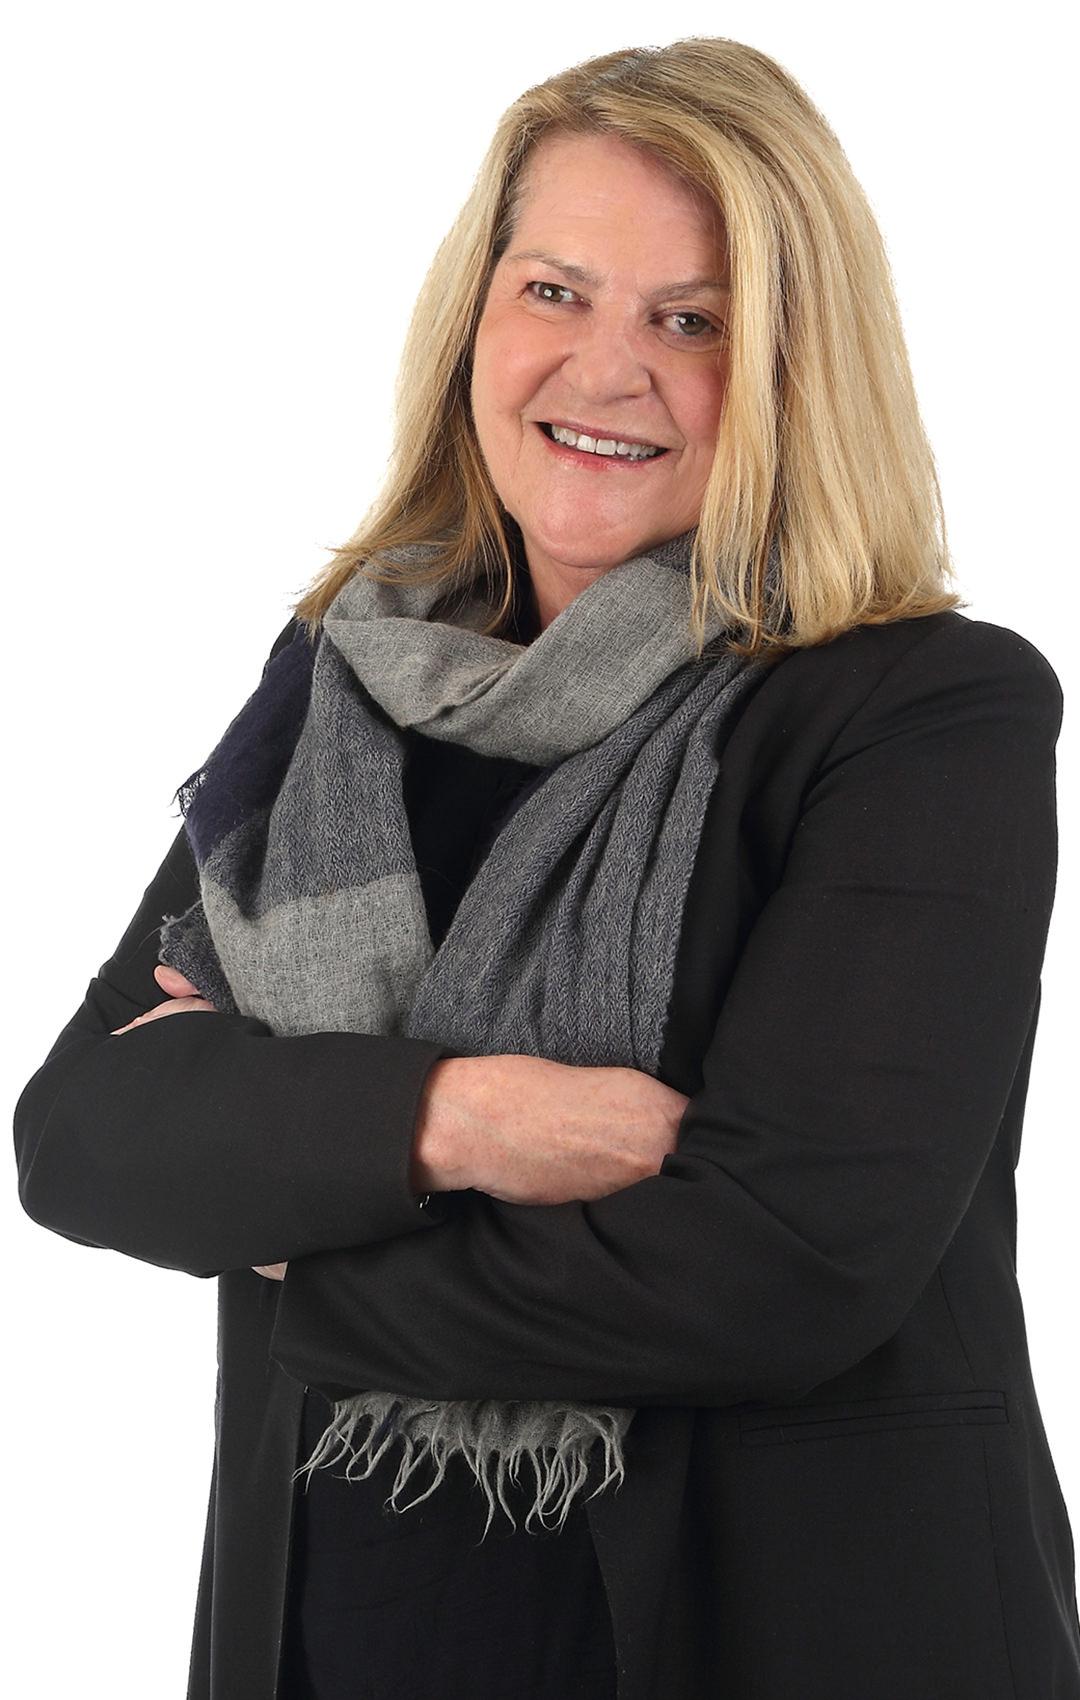 Lisa M. Gibson